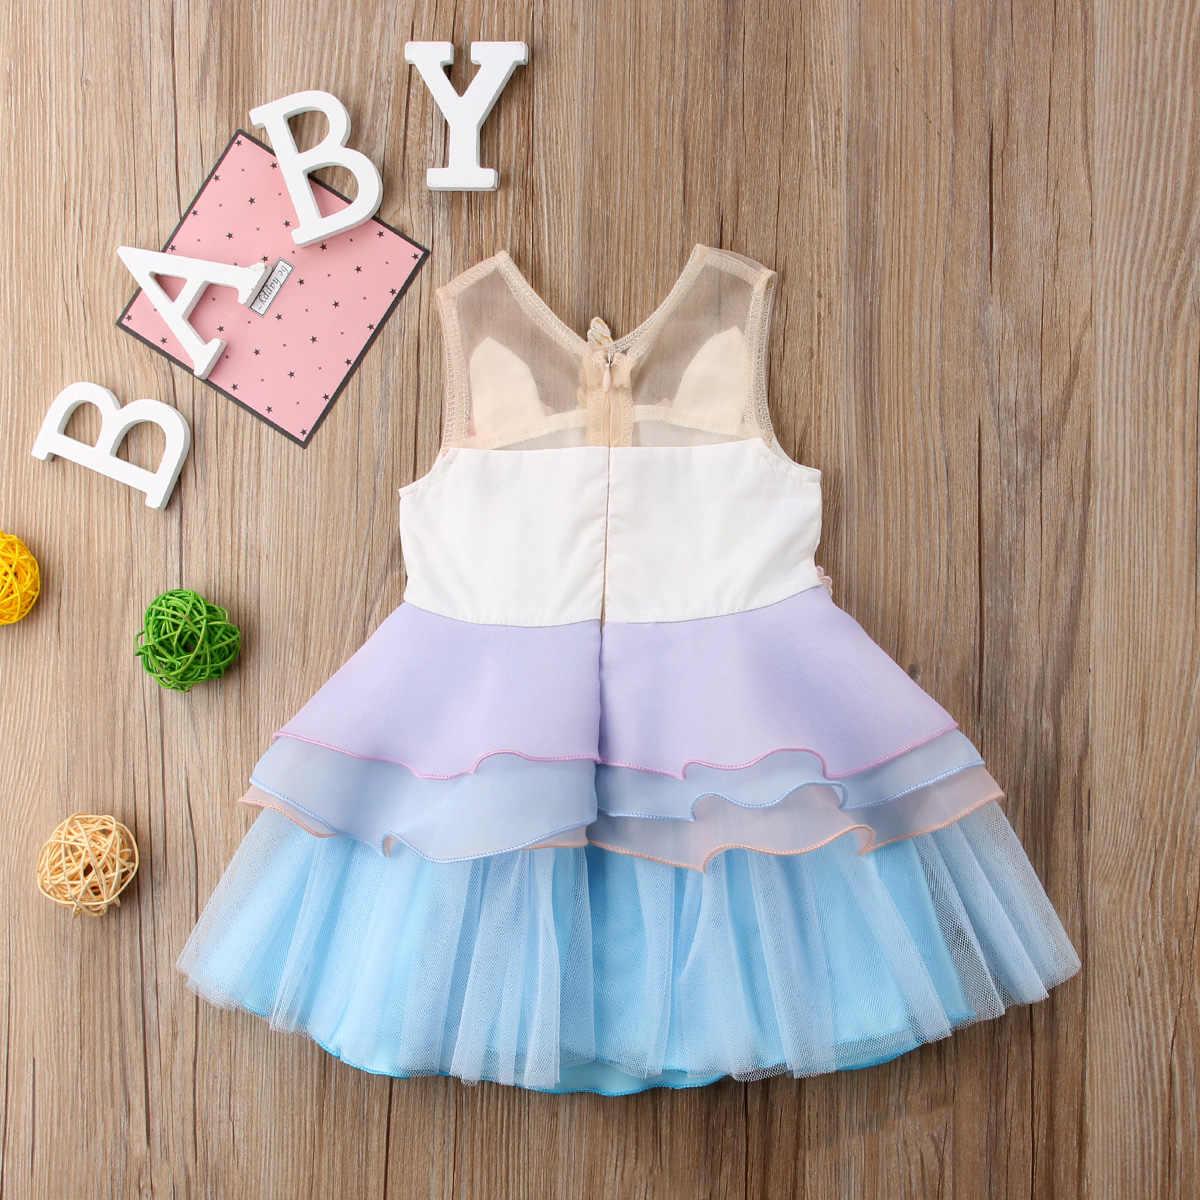 2019 симпатичный комплект для новорожденной девочки, Одежда для детей; малышей; девочек без рукавов Единорог Вышивка Вечерние Праздничное платье 3D Открытое платье без рукавов с рюшами; летняя модная одежда